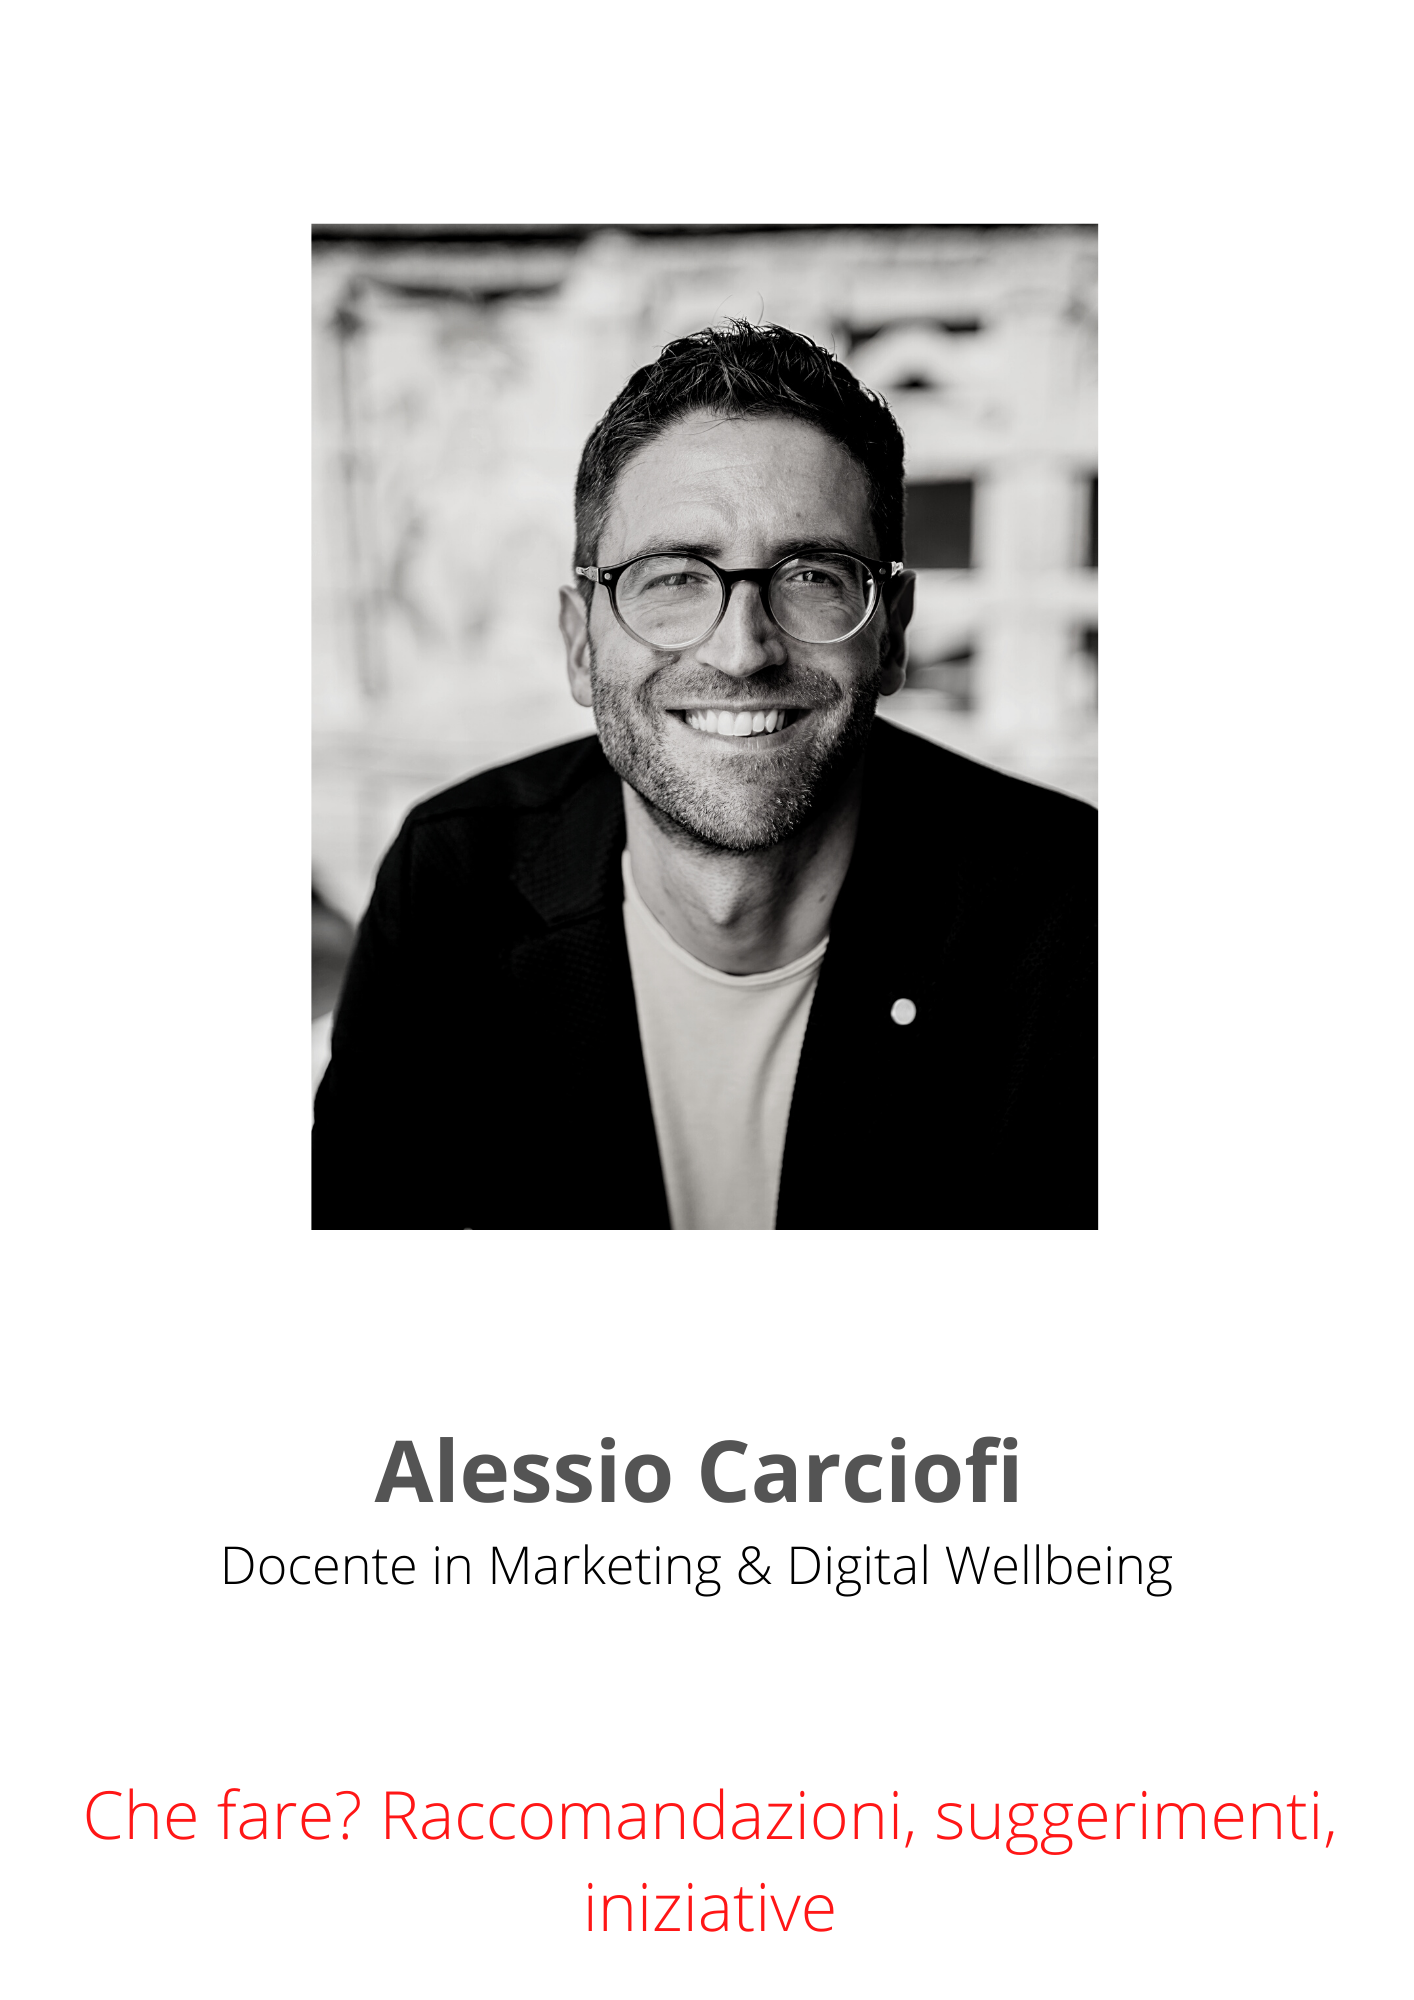 Alessio Carciofi